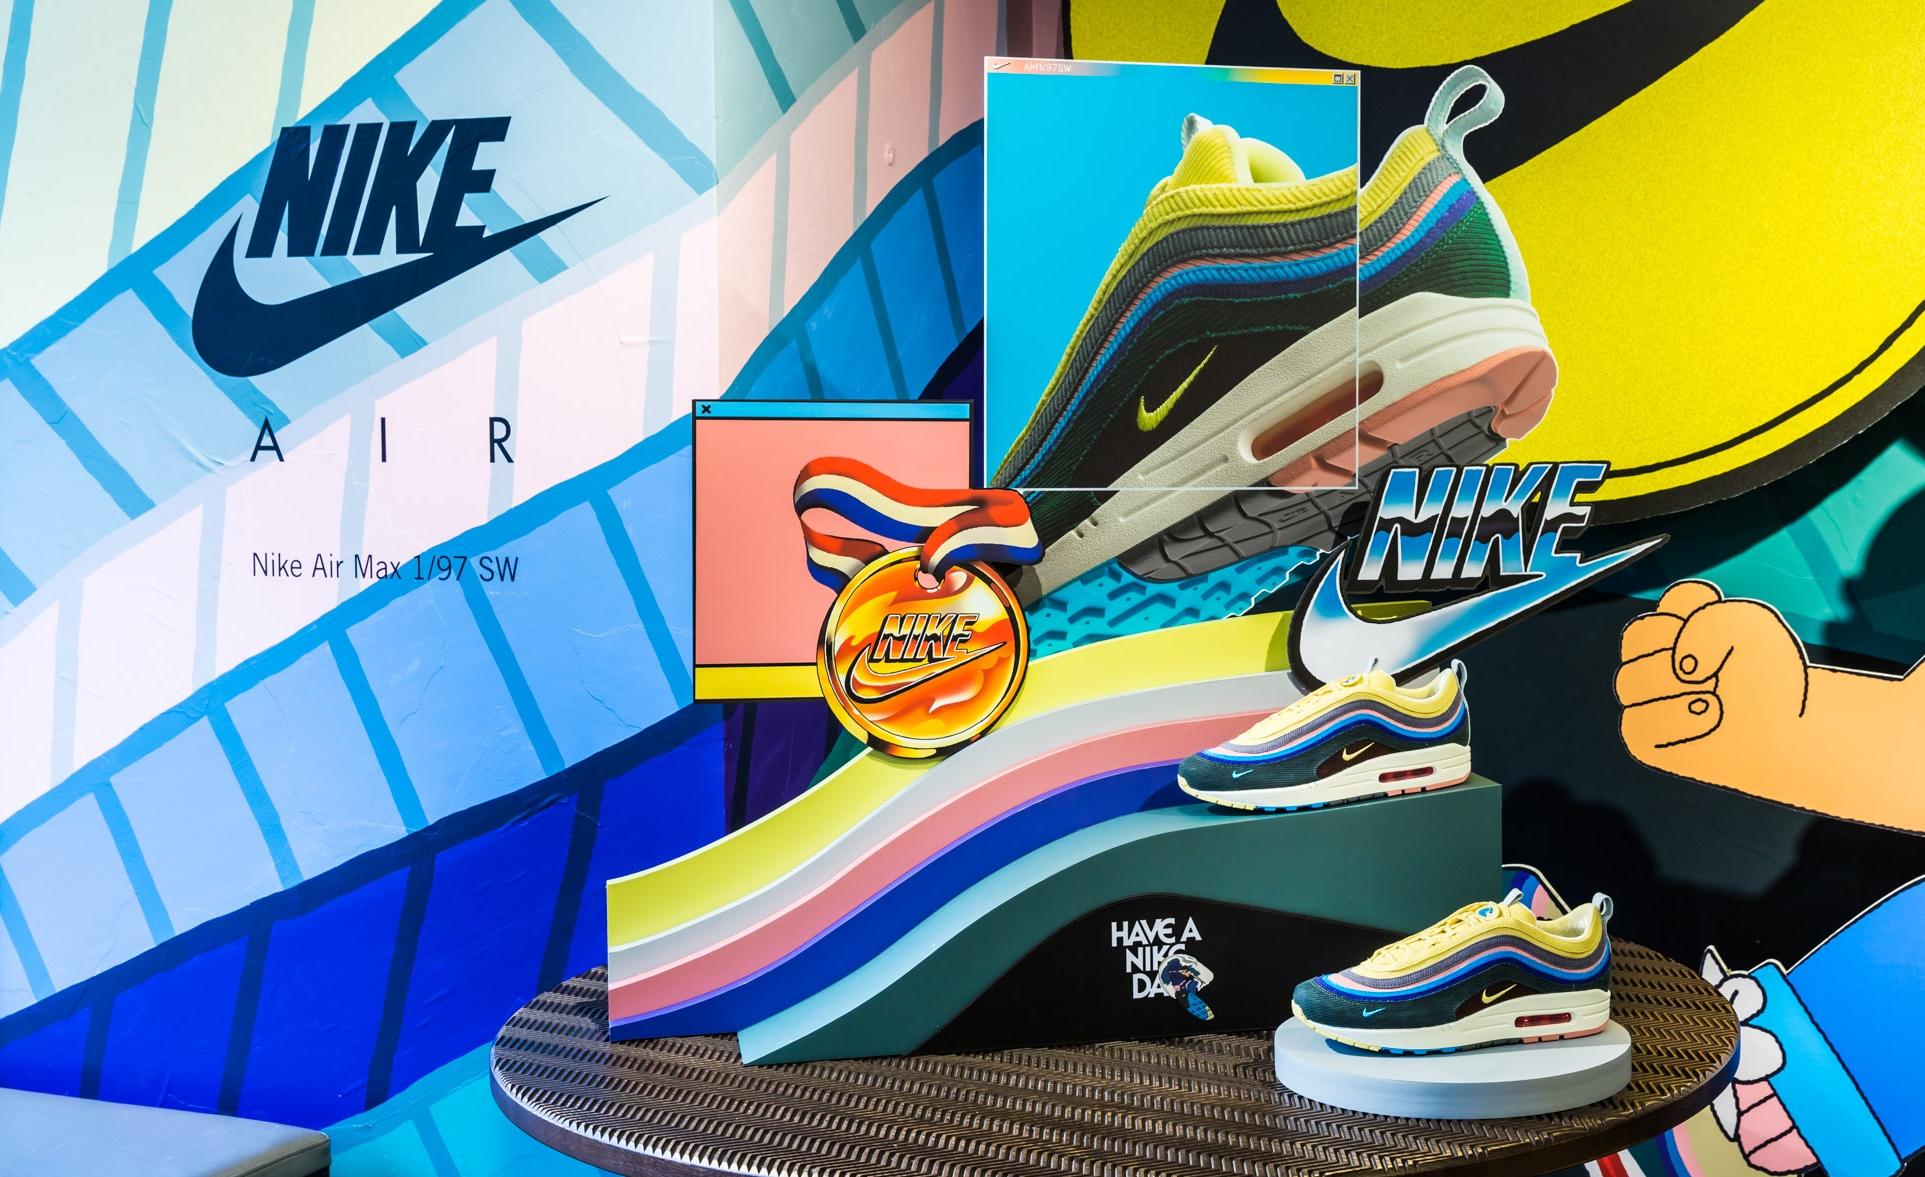 TDM_9592 - Nike - Sean Wotherspoon - SneakersnStuff - Tom D Morgan - WEB.jpg